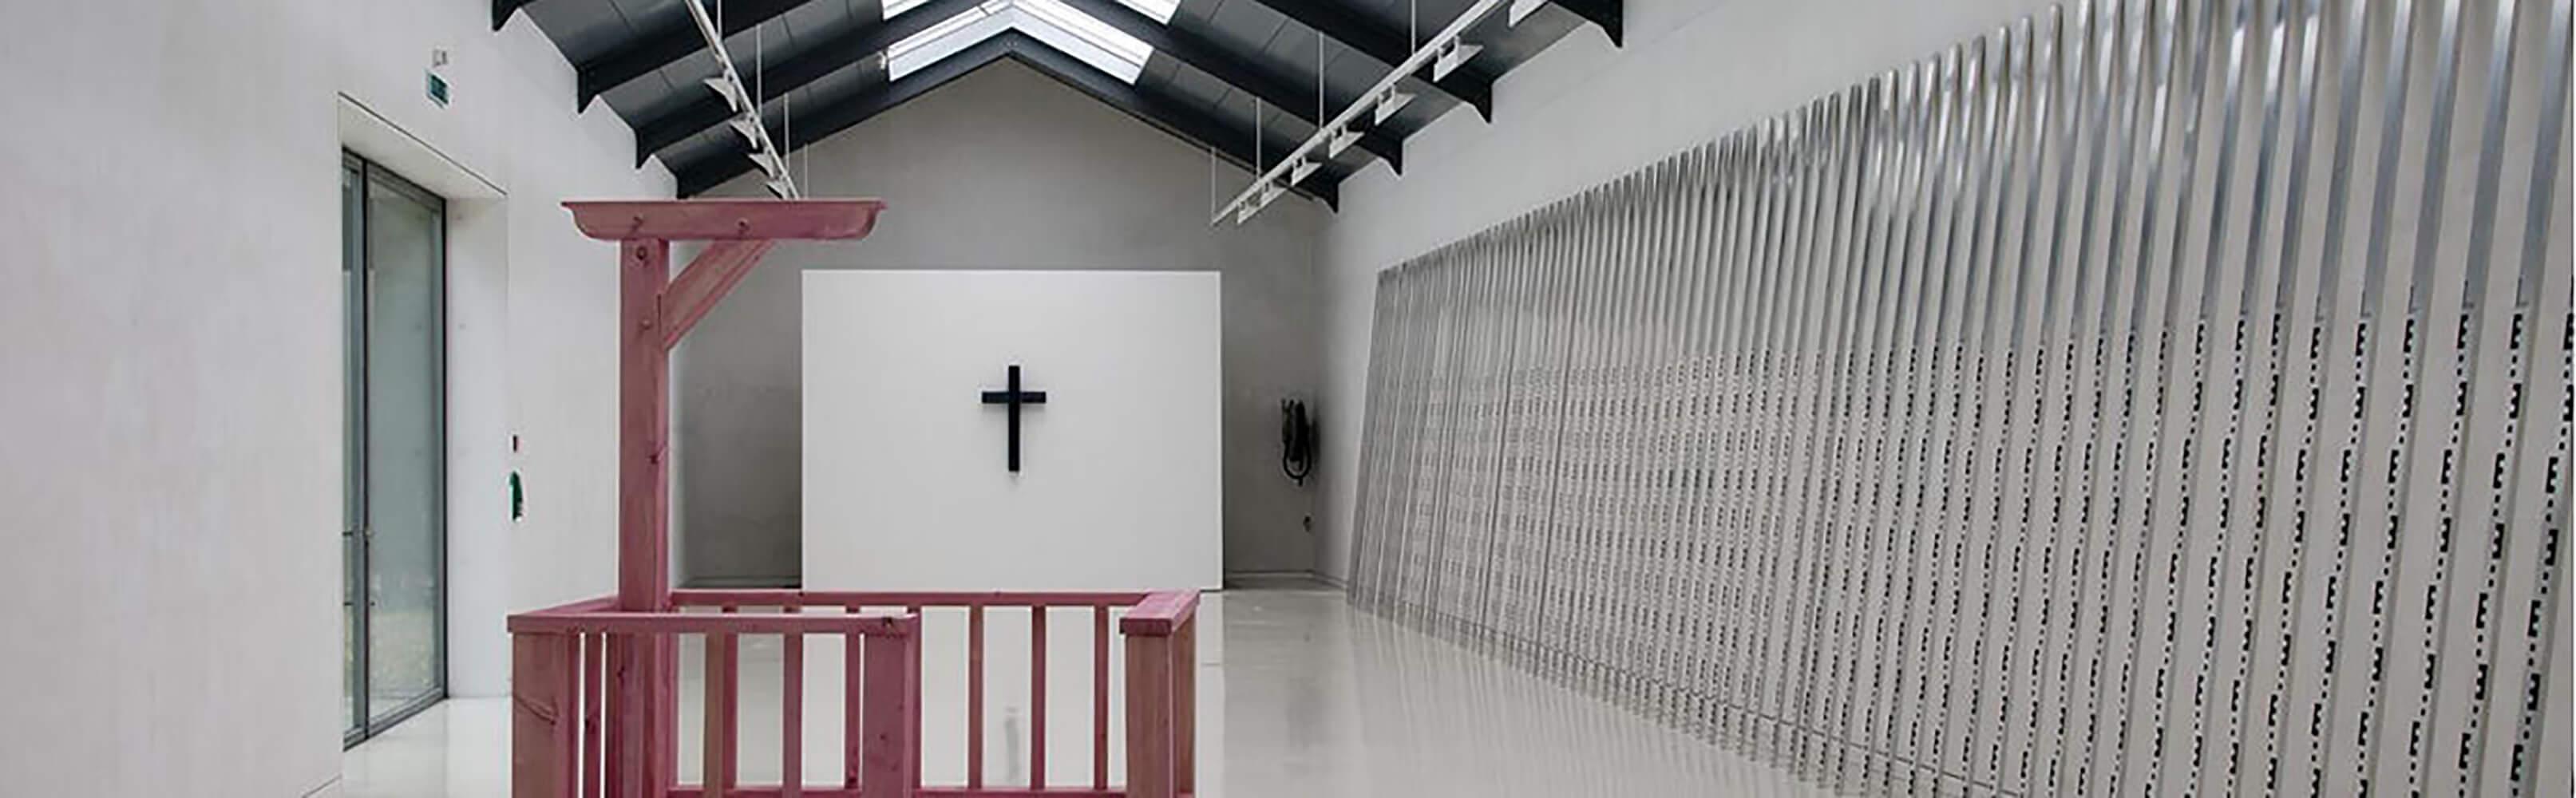 Musée jurassien des arts Moutier 1